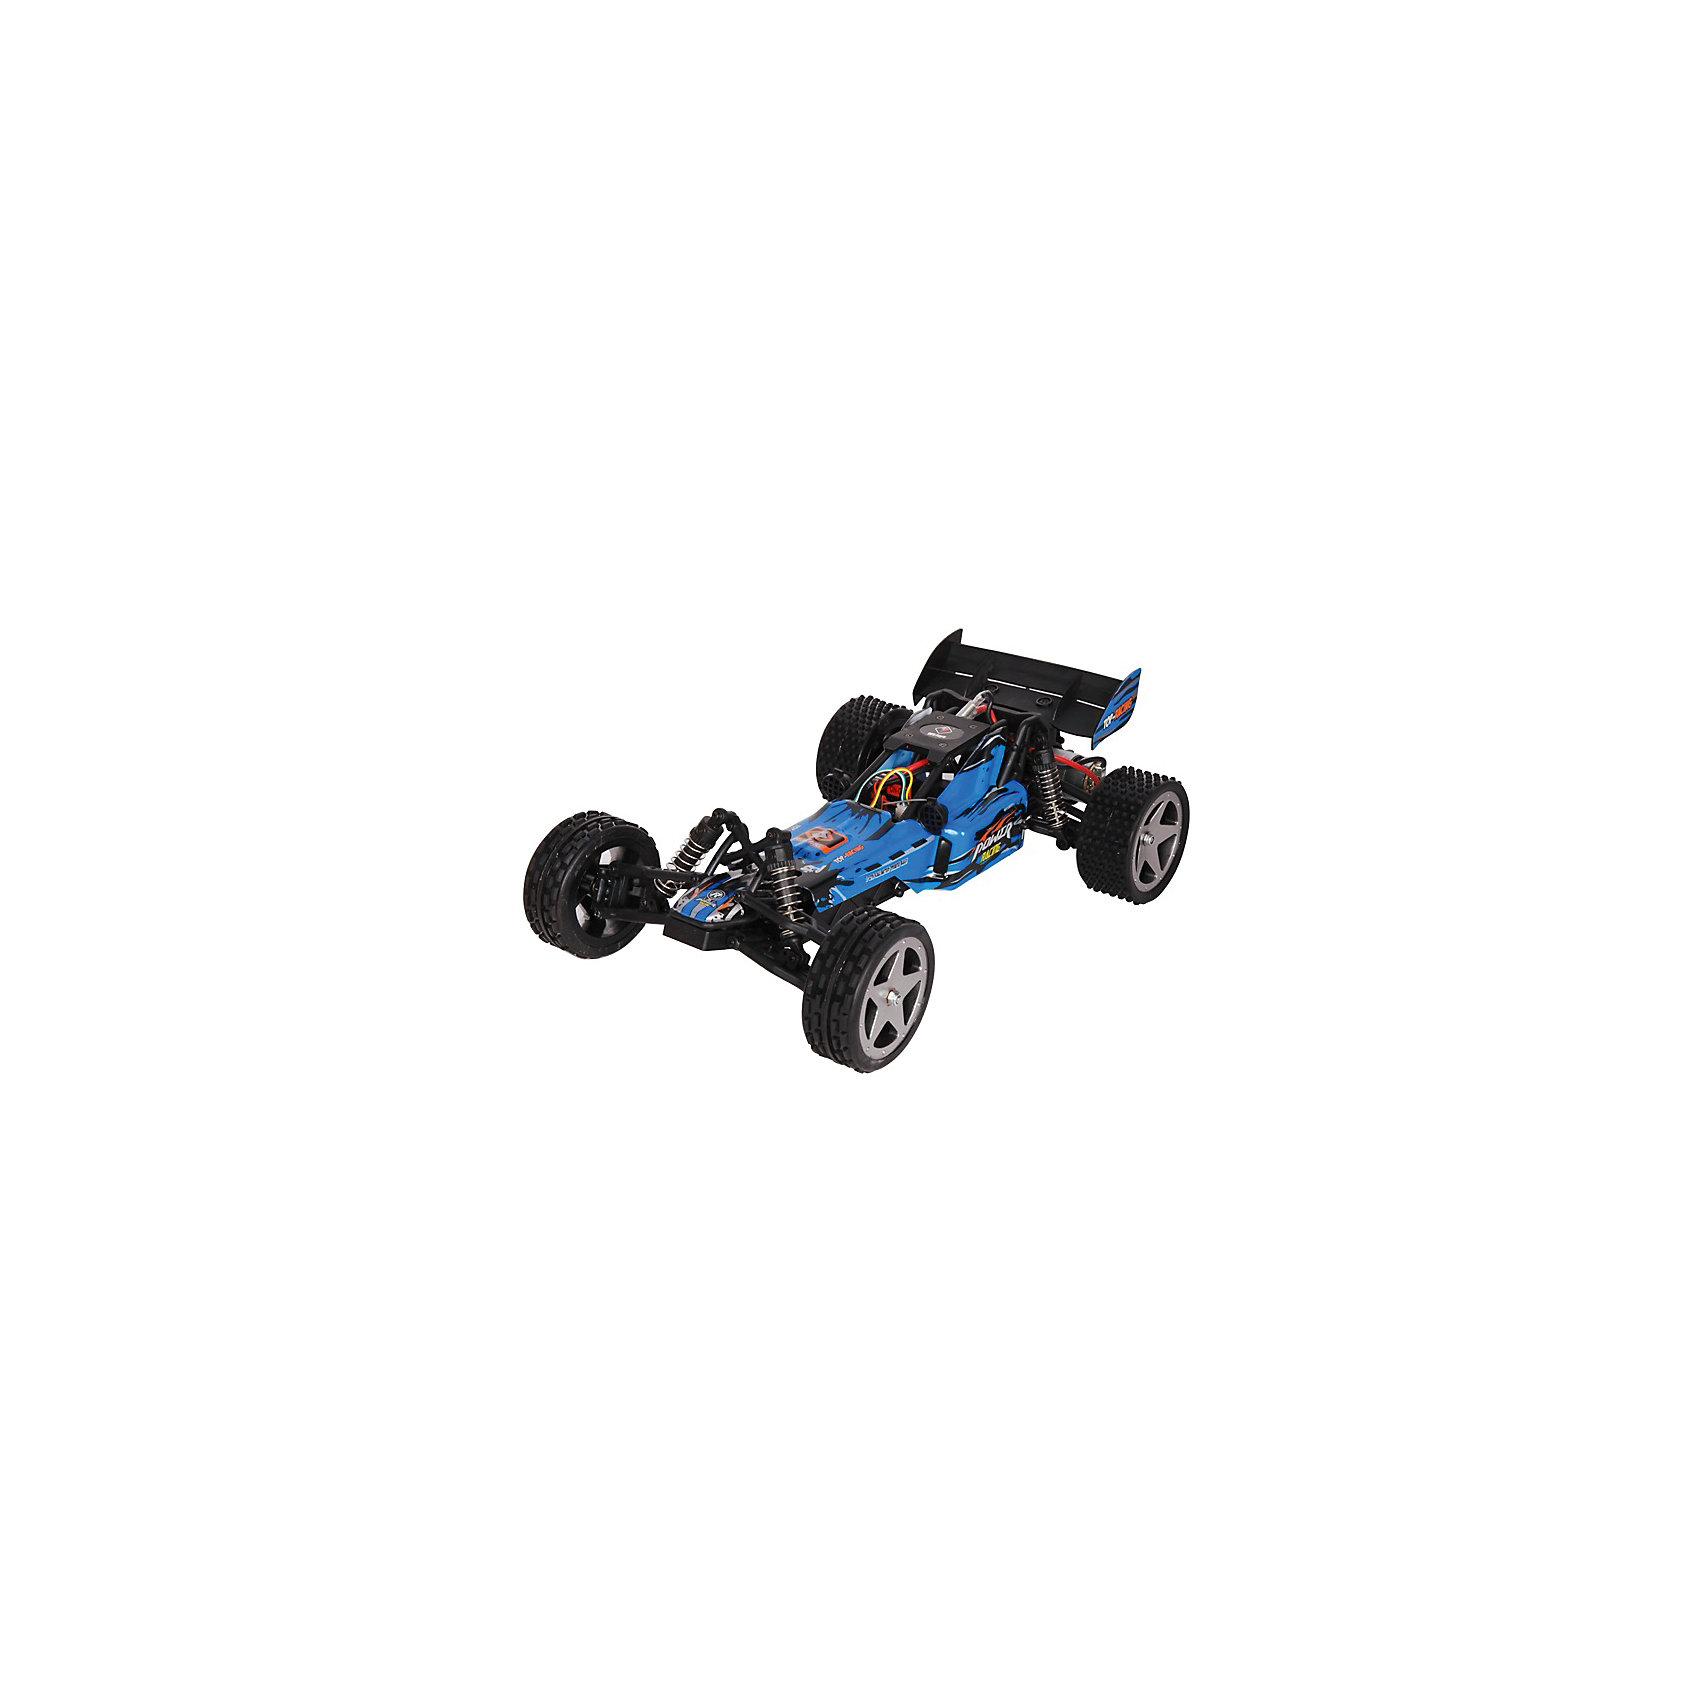 Автомобиль на р/у Wave Runner, синий, WL ToysРадиоуправляемый транспорт<br>Характеристики товара:<br><br>• возраст от 6 лет;<br>• материал: пластик, резина;<br>• в комплекте: автомобиль, пульт дистанционного управления, аккумуляторная батарея, зарядное устройство, инструкция;<br>• пульт работает от батареек АА (в комплект не входят);<br>• размер машины 34,8х23х11,5 см;<br>• 2-колесный задний привод;<br>• двигатель RC380;<br>• аккумулятор Li-Ion 1500 mAh;<br>• размер упаковки 49х25х16,5 см;<br>• вес упаковки 2,5 кг;<br>• страна производитель: Китай.<br><br>Автомобиль «Wave Runner» WL Toys синий — удивительная машина на радиоуправлении, способная выполнять сложные трюки, развороты и повороты. Двигатель машины позволяет развивать скорость до 40 км/час. Корпус автомобиля сделан из прочного качественного пластика, колеса — из резины, что обеспечивает хорошую проходимость. Игрушка работает от аккумулятора. С таким автомобилем мальчики могут устроить профессиональные заезды и захватывающие гонки.<br><br>Автомобиль «Wave Runner» WL Toys синий можно приобрести в нашем интернет-магазине.<br><br>Ширина мм: 490<br>Глубина мм: 250<br>Высота мм: 165<br>Вес г: 2437<br>Возраст от месяцев: 72<br>Возраст до месяцев: 2147483647<br>Пол: Мужской<br>Возраст: Детский<br>SKU: 5581245